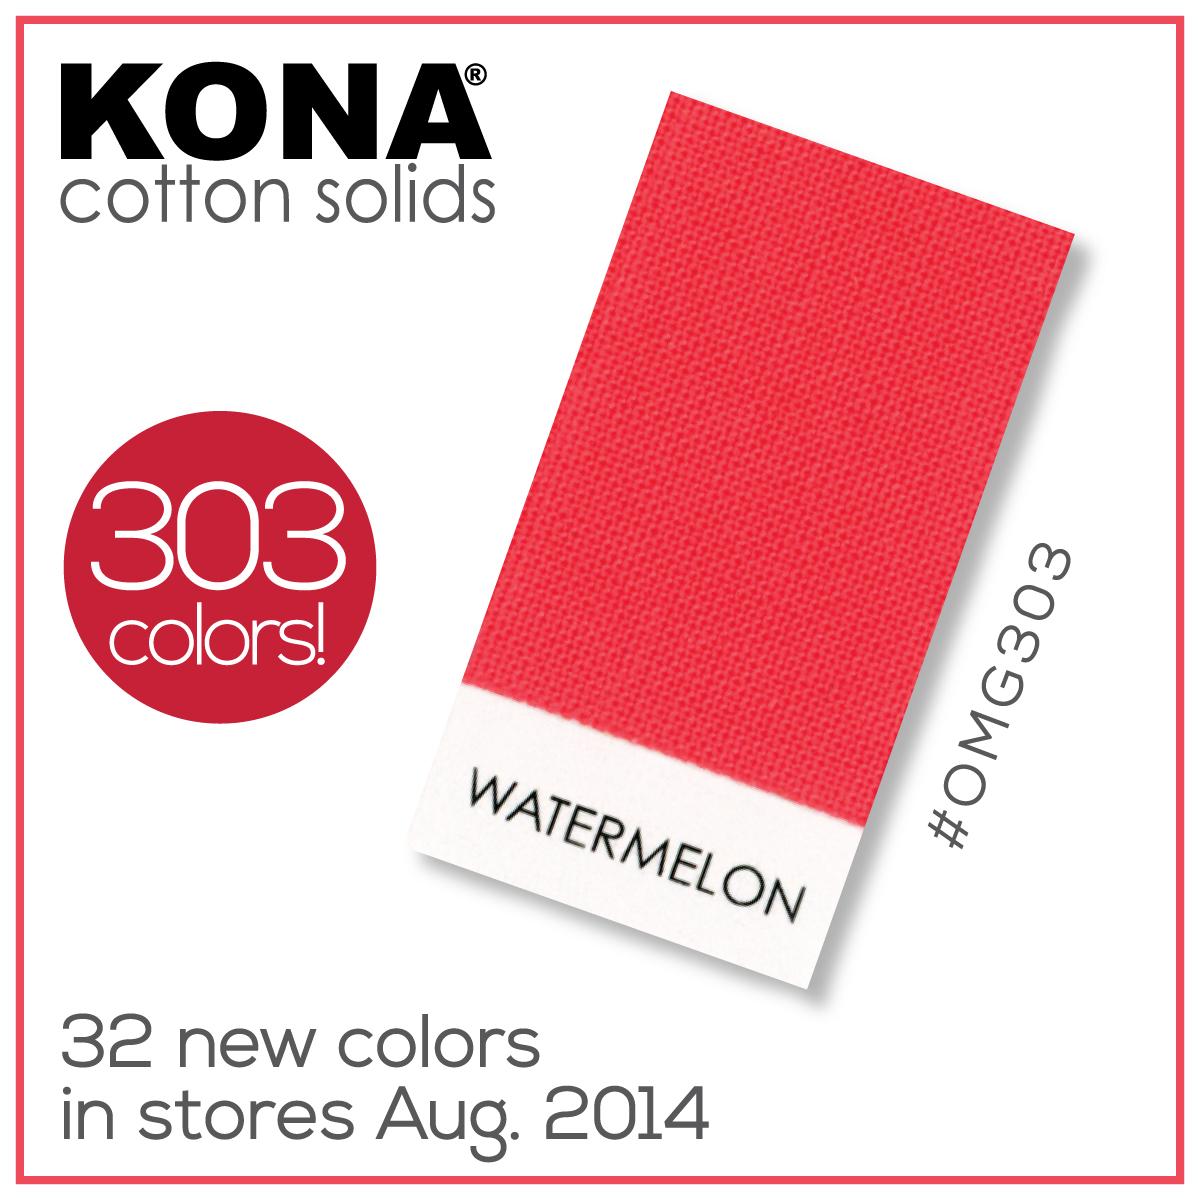 Kona-Watermelon.jpg